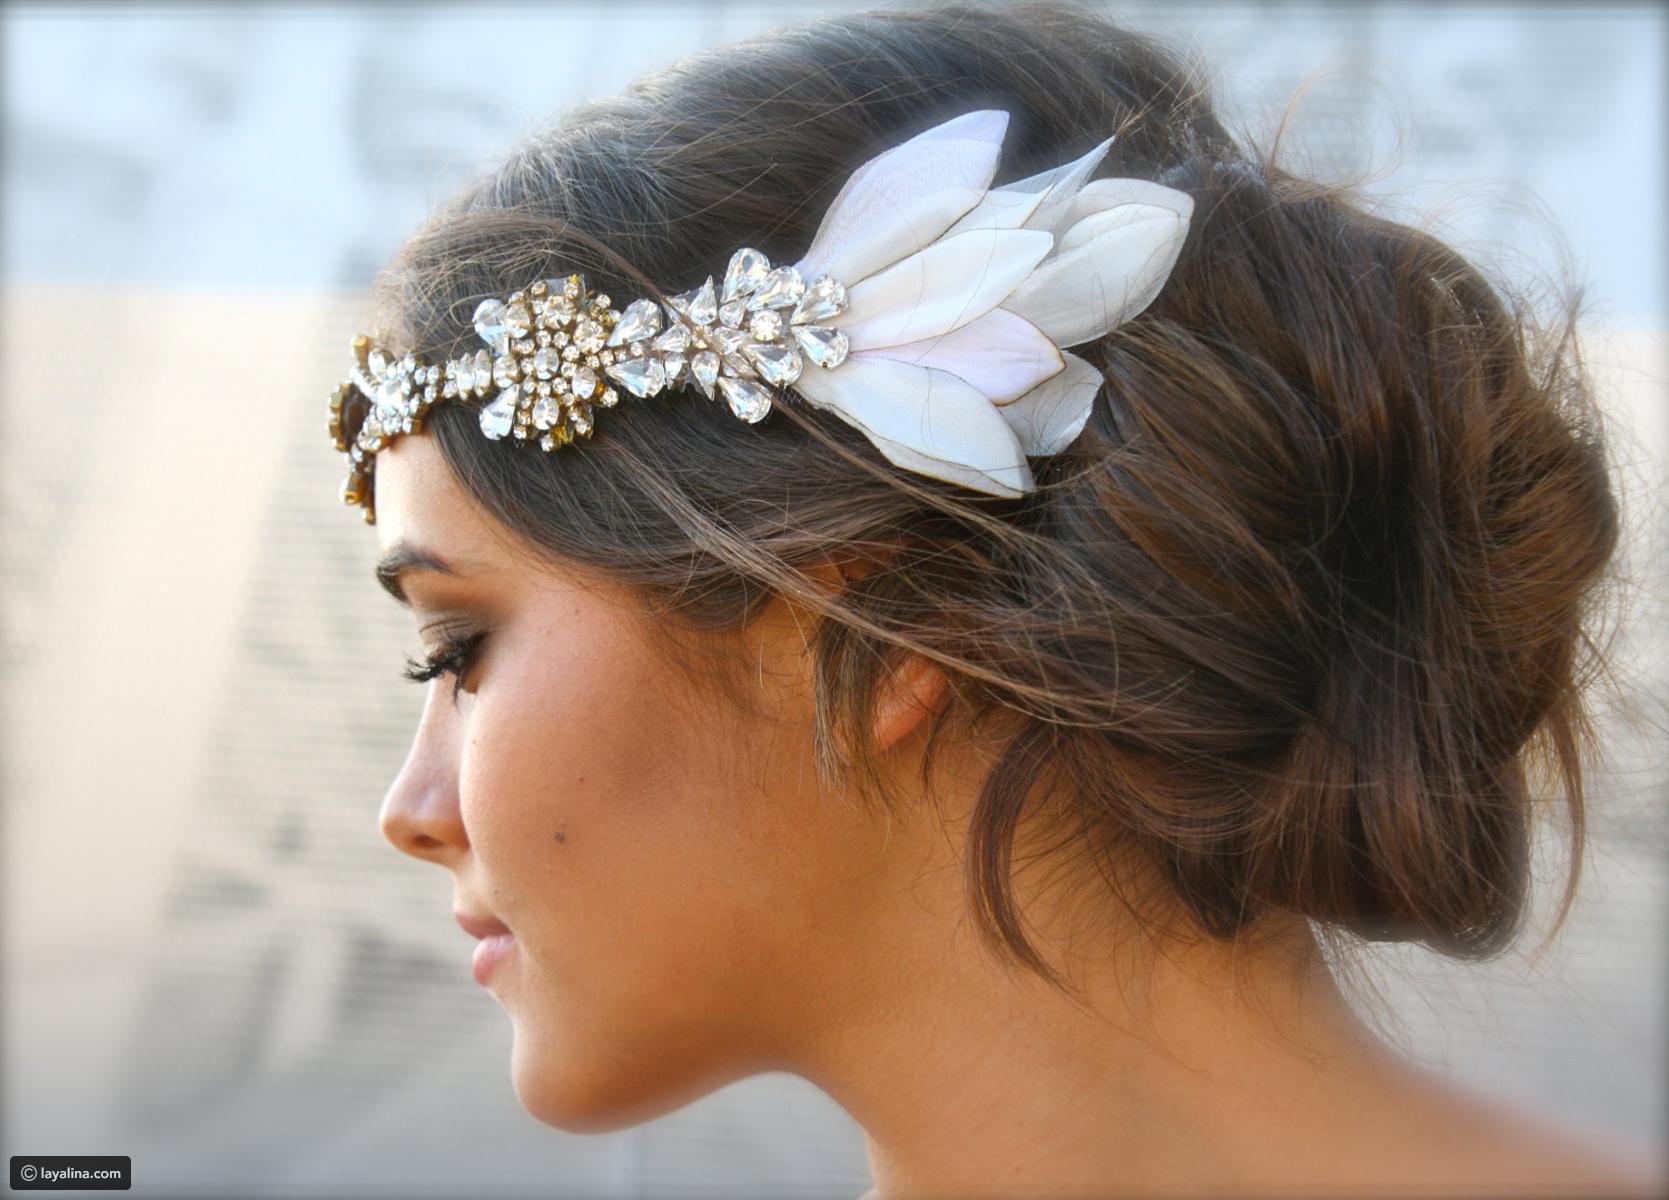 بالصور احلى تسريحه عروس , تسريحات راقيه للعروسه 2153 6